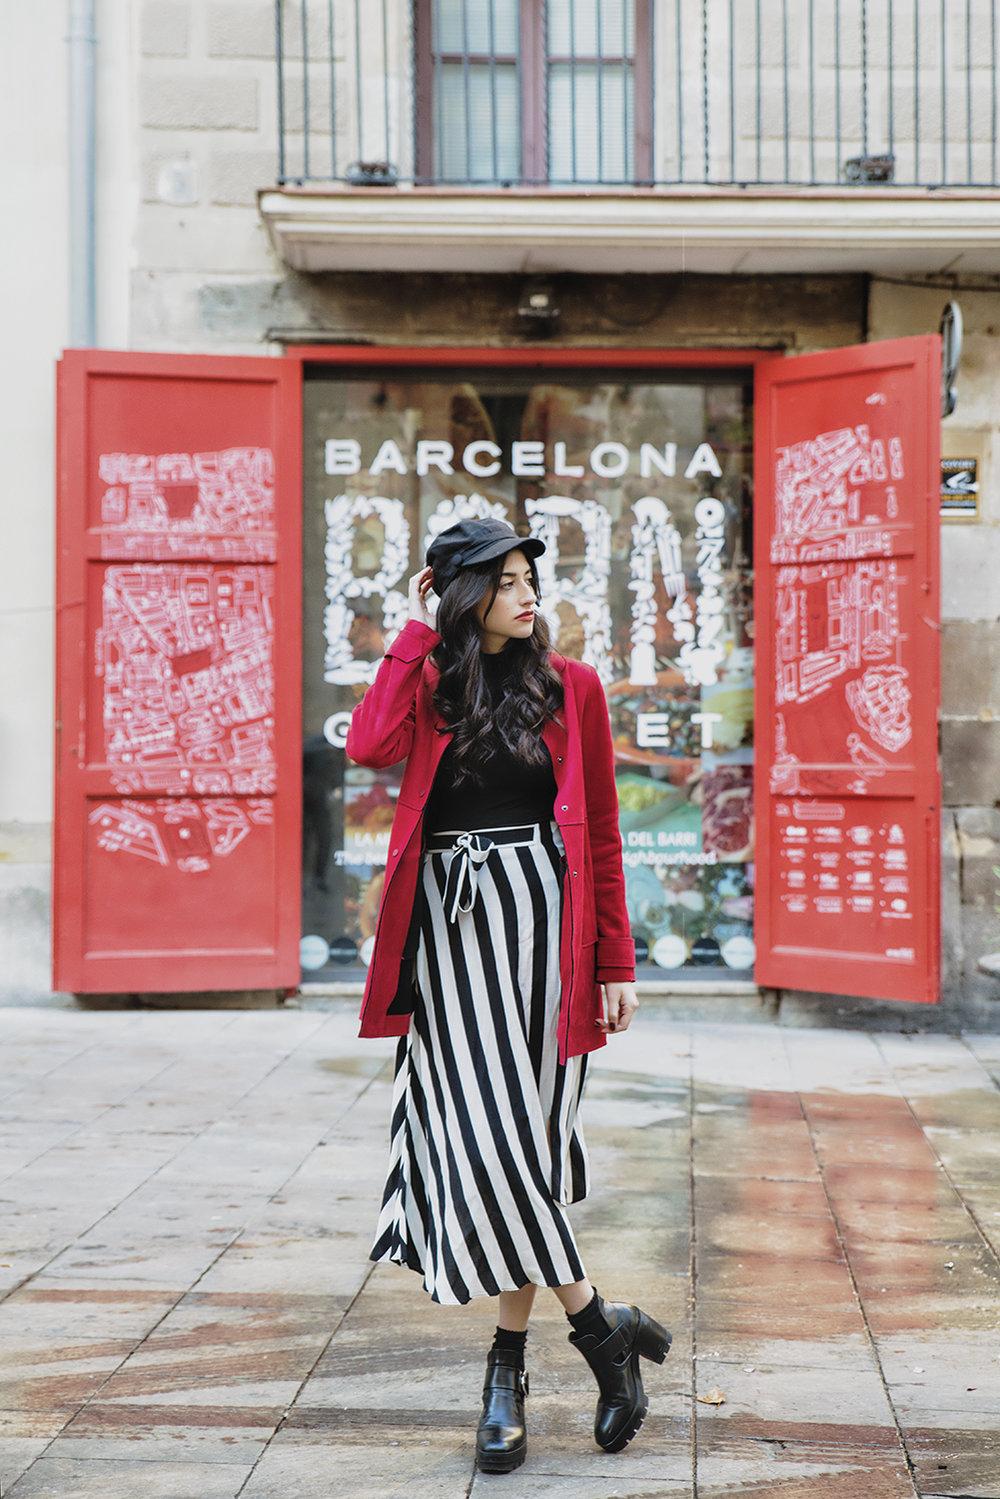 barcelonaPhotoshootTourByJuliaMalinowska_1.jpg